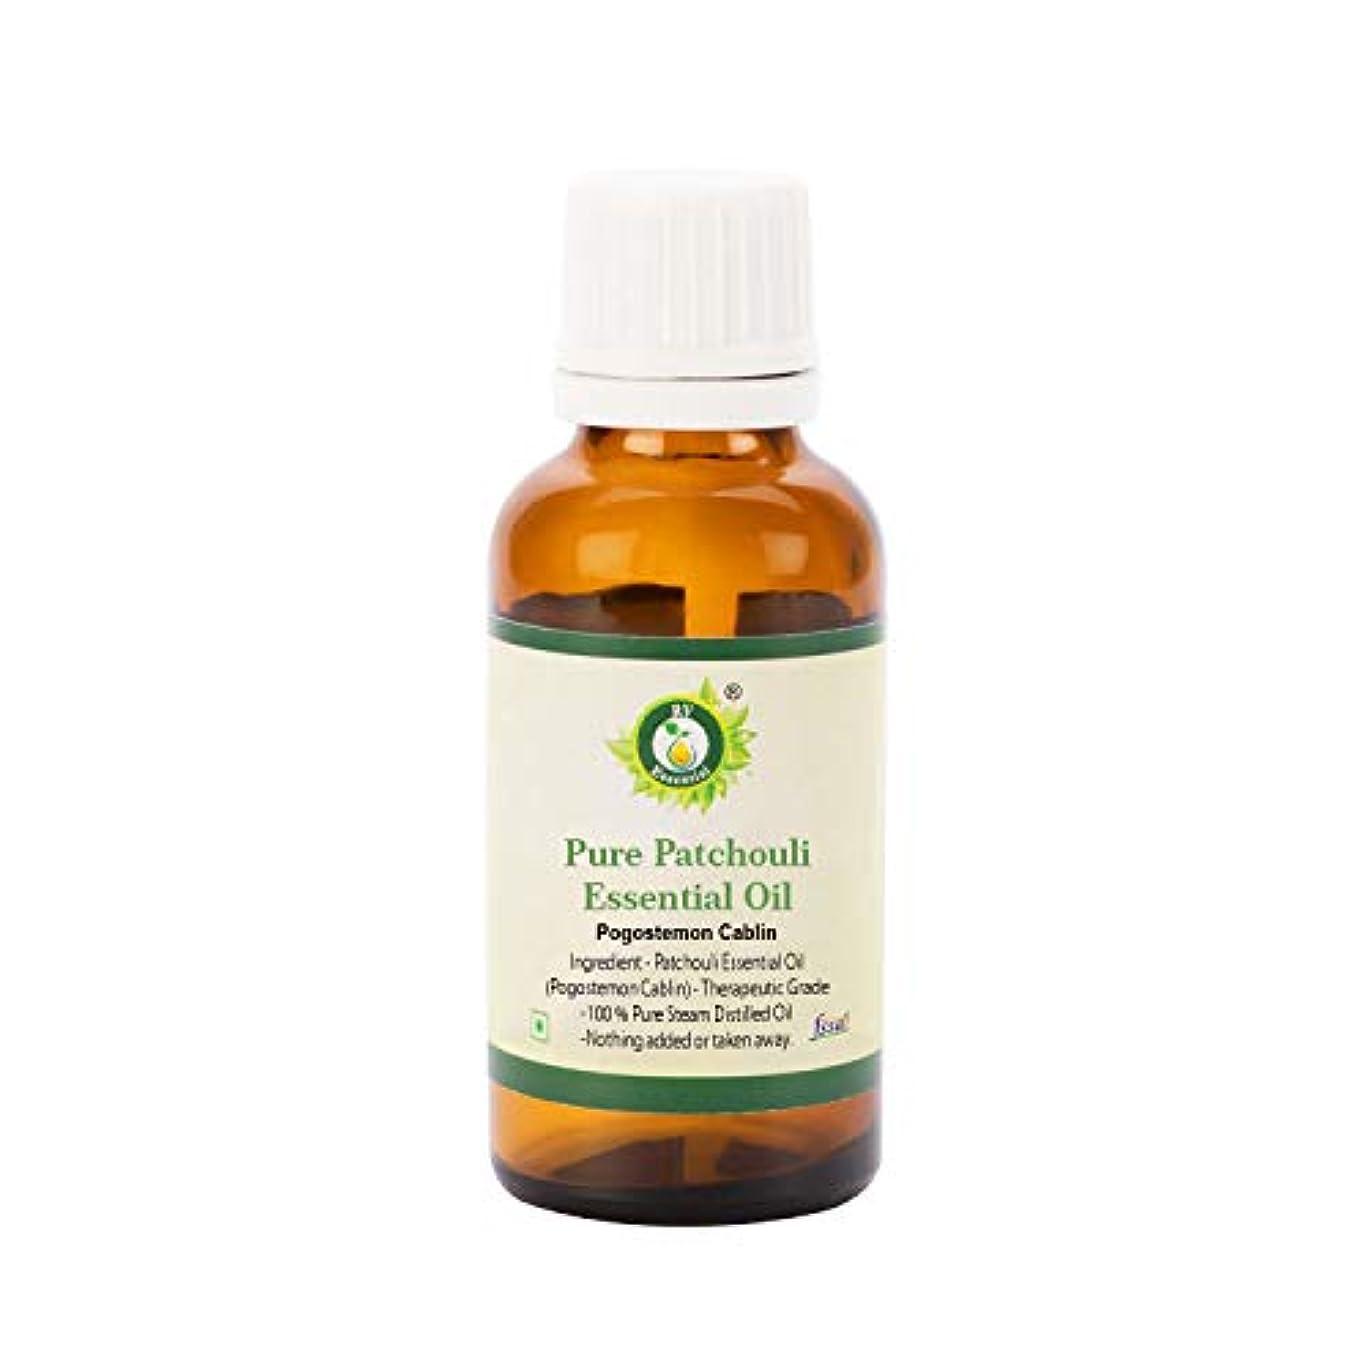 委任する蒸発喉頭R V Essential ピュアパチュリーエッセンシャルオイル30ml (1.01oz)- Pogostemon Cablin (100%純粋&天然スチームDistilled) Pure Patchouli Essential...